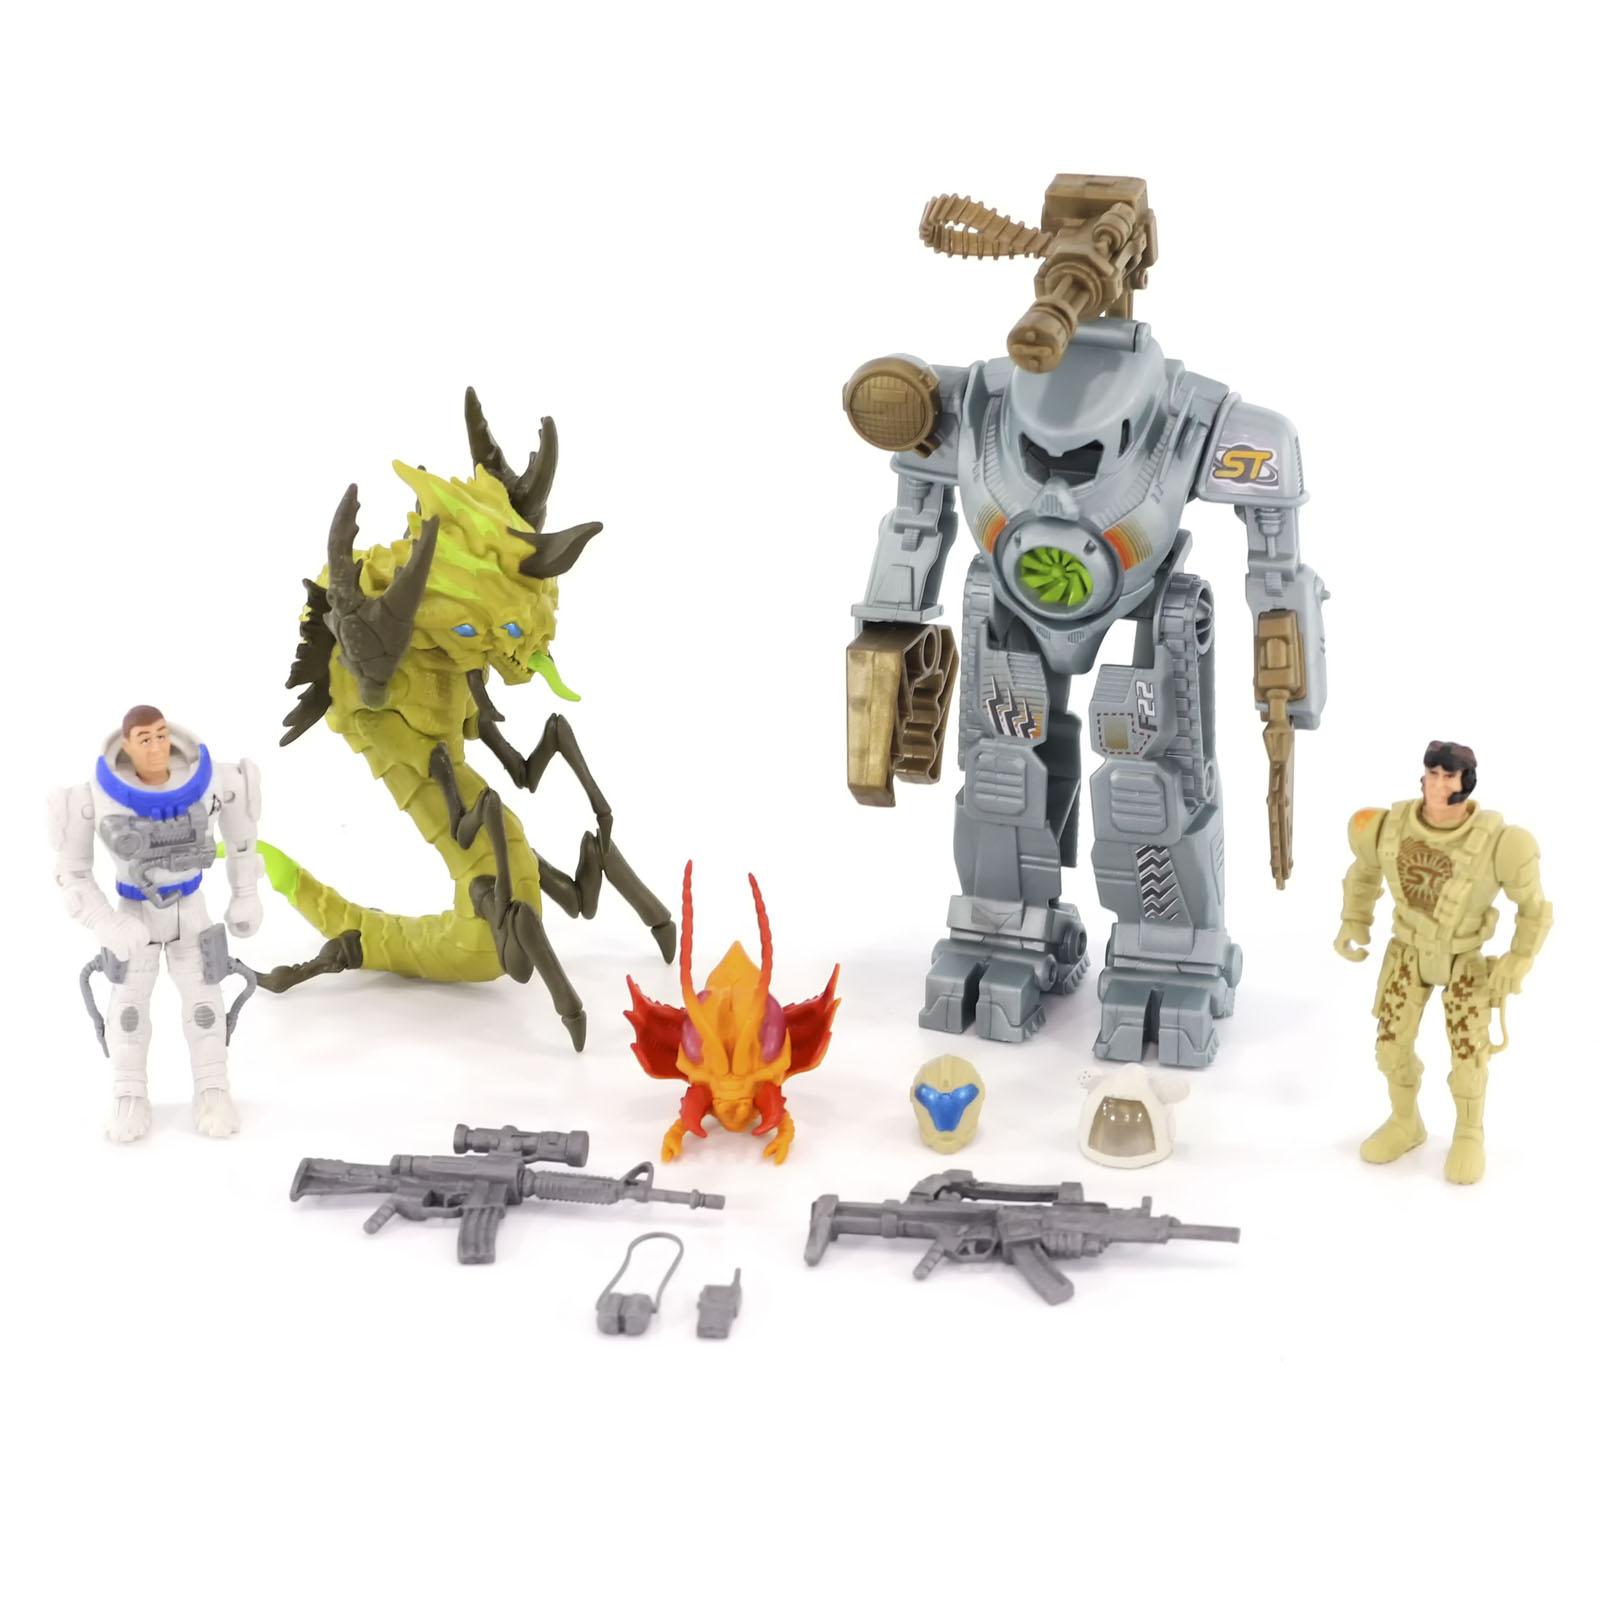 Игровой набор КОСМОС НАШ Боевой экзокостюм Геркулес Монстры Галактики, 16 см 38513-1